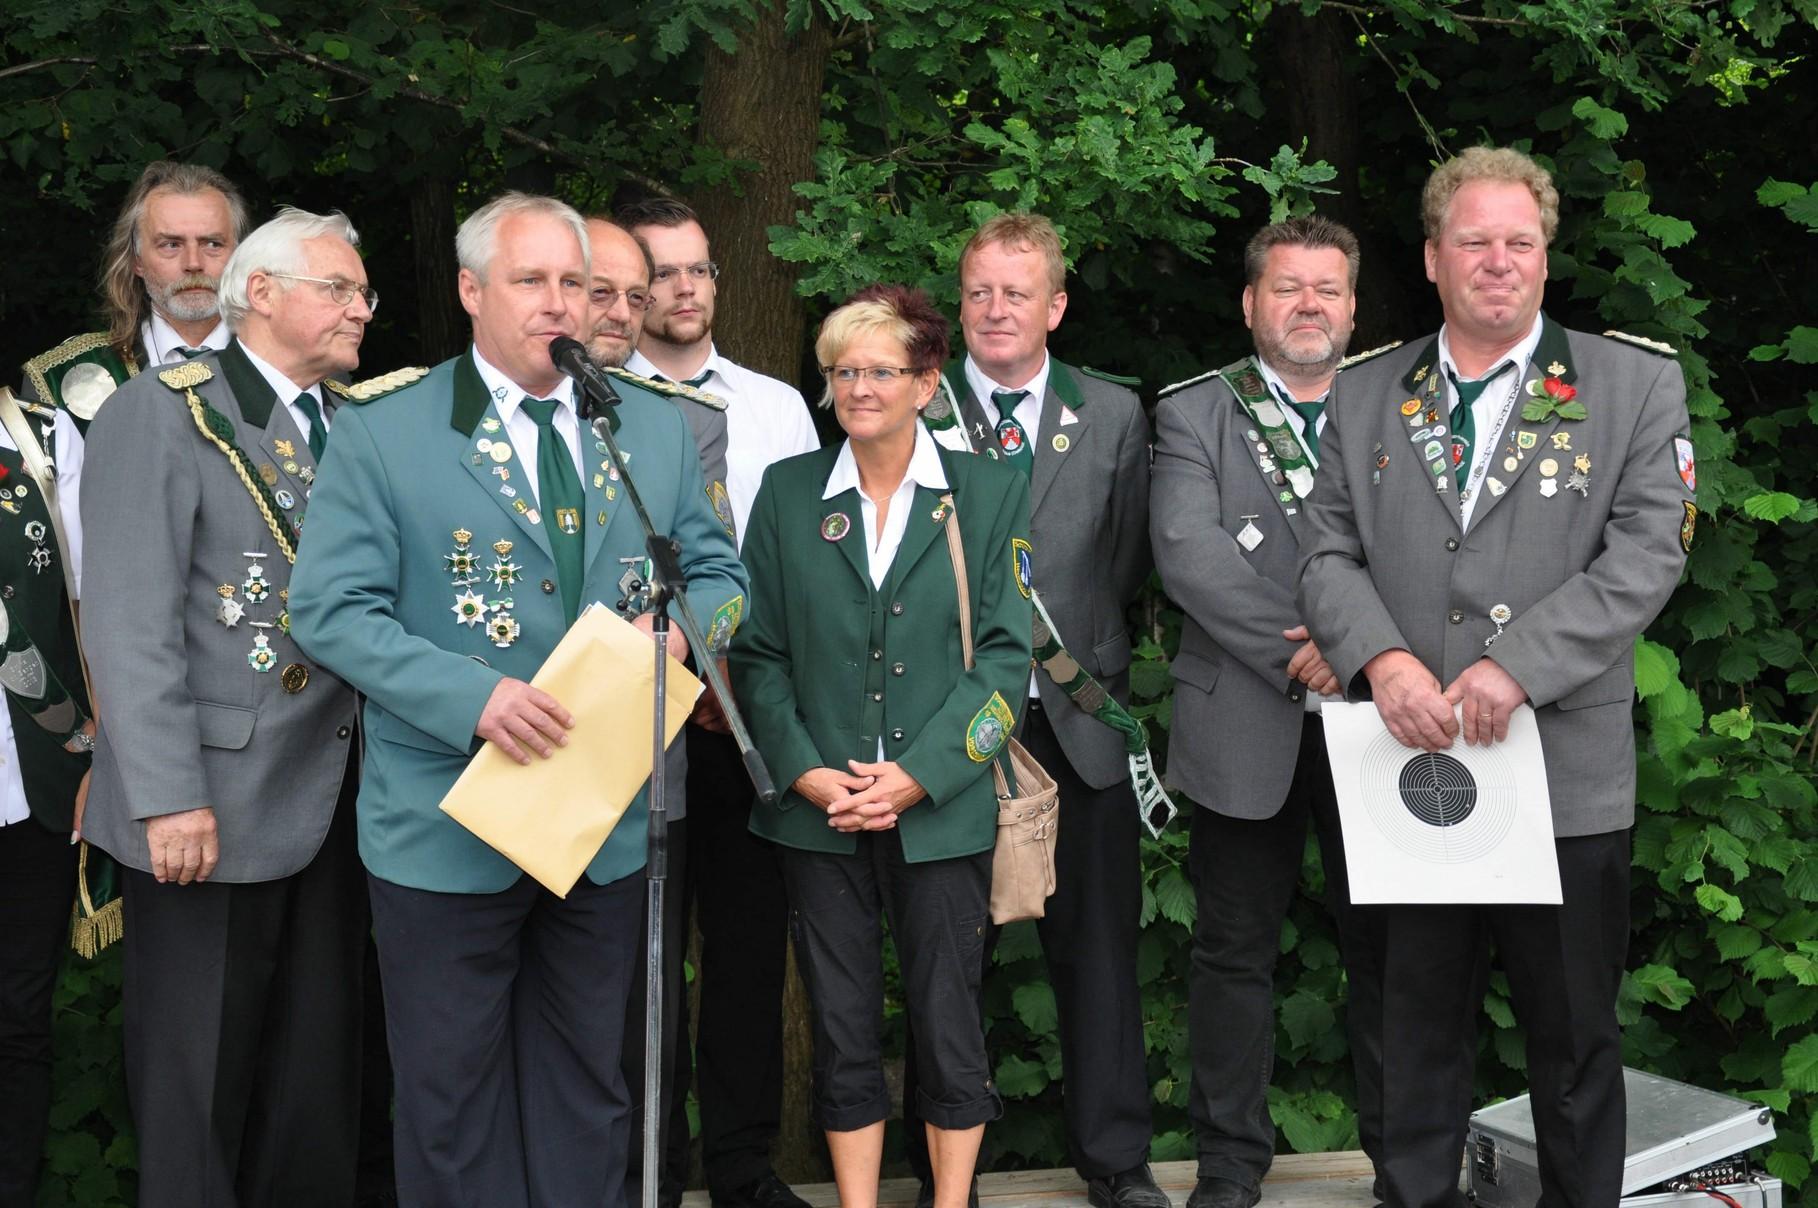 Vor der Proklamation der neuen Würdenträger gab es durch Schützenverband Altkreis Neuhaus noch zwei Verbandsauszeichnungen